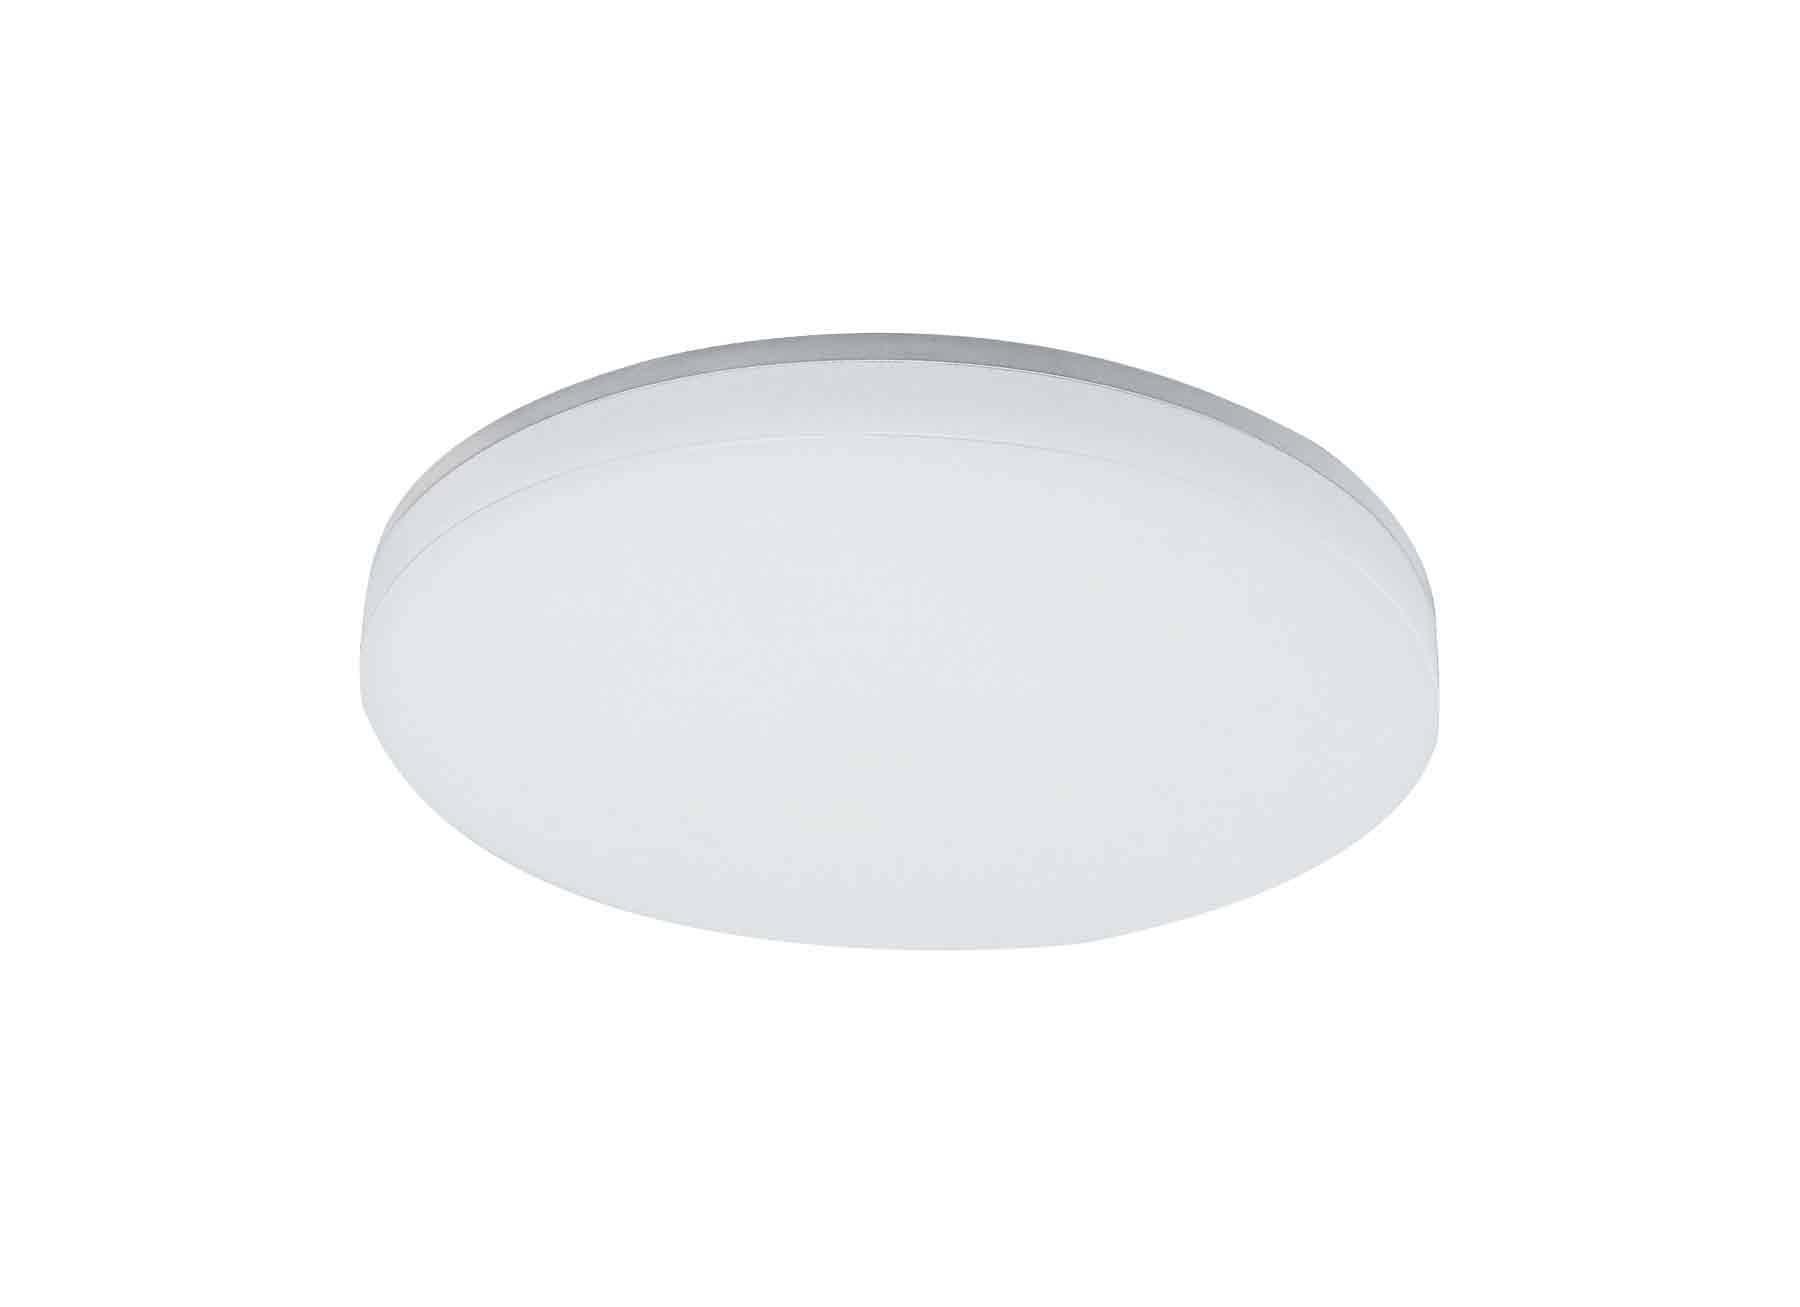 LED Wand/Deckenleuchte 15W 1250lm 4000K Ø220 IP65